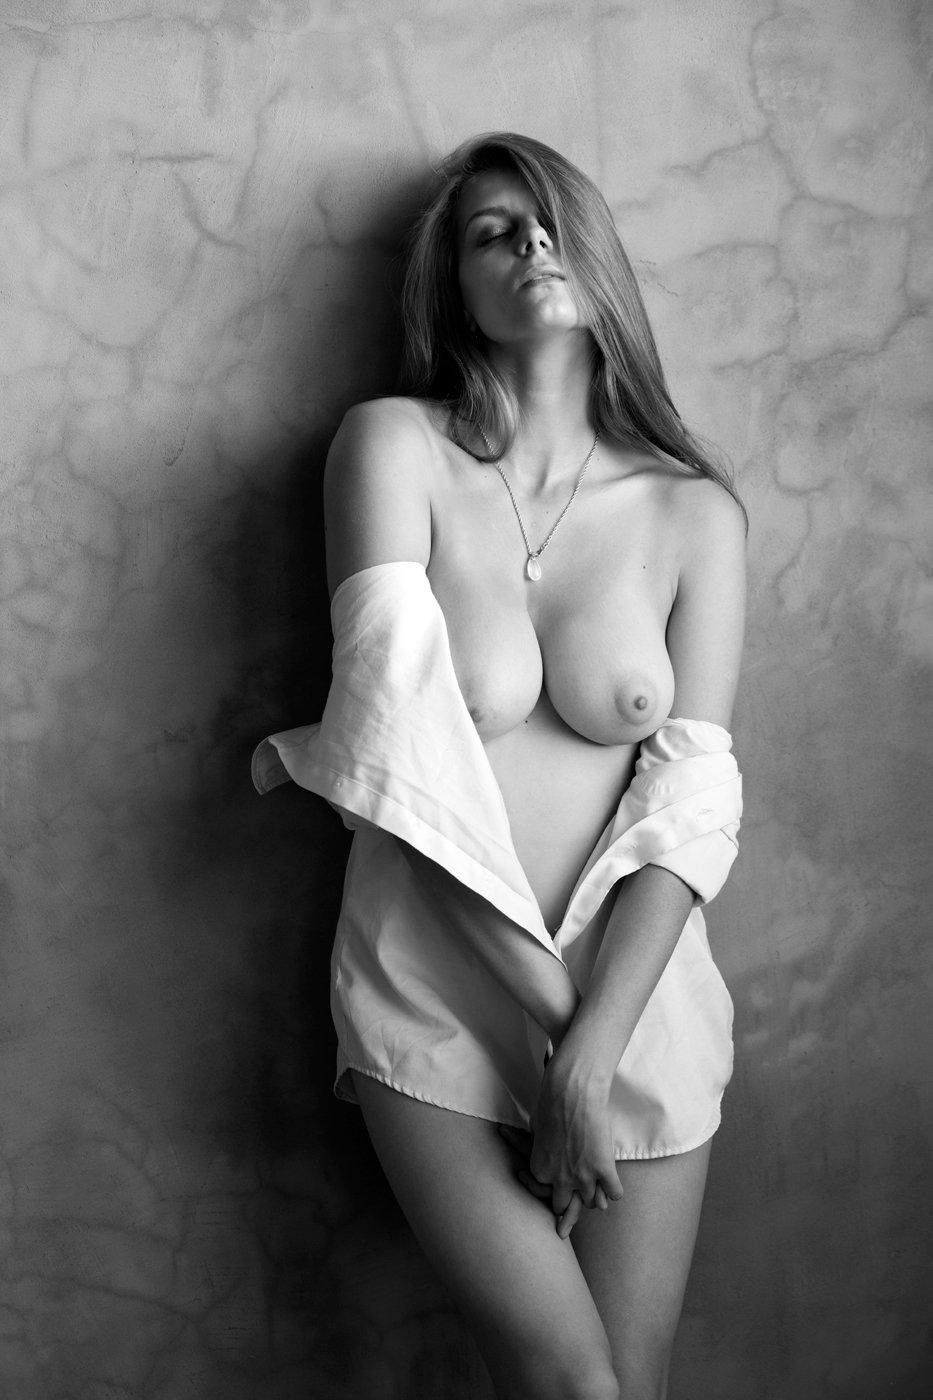 nude,woman,b&w,black&white,canon,canonlens,oleg_grachev, Грачёв Олег